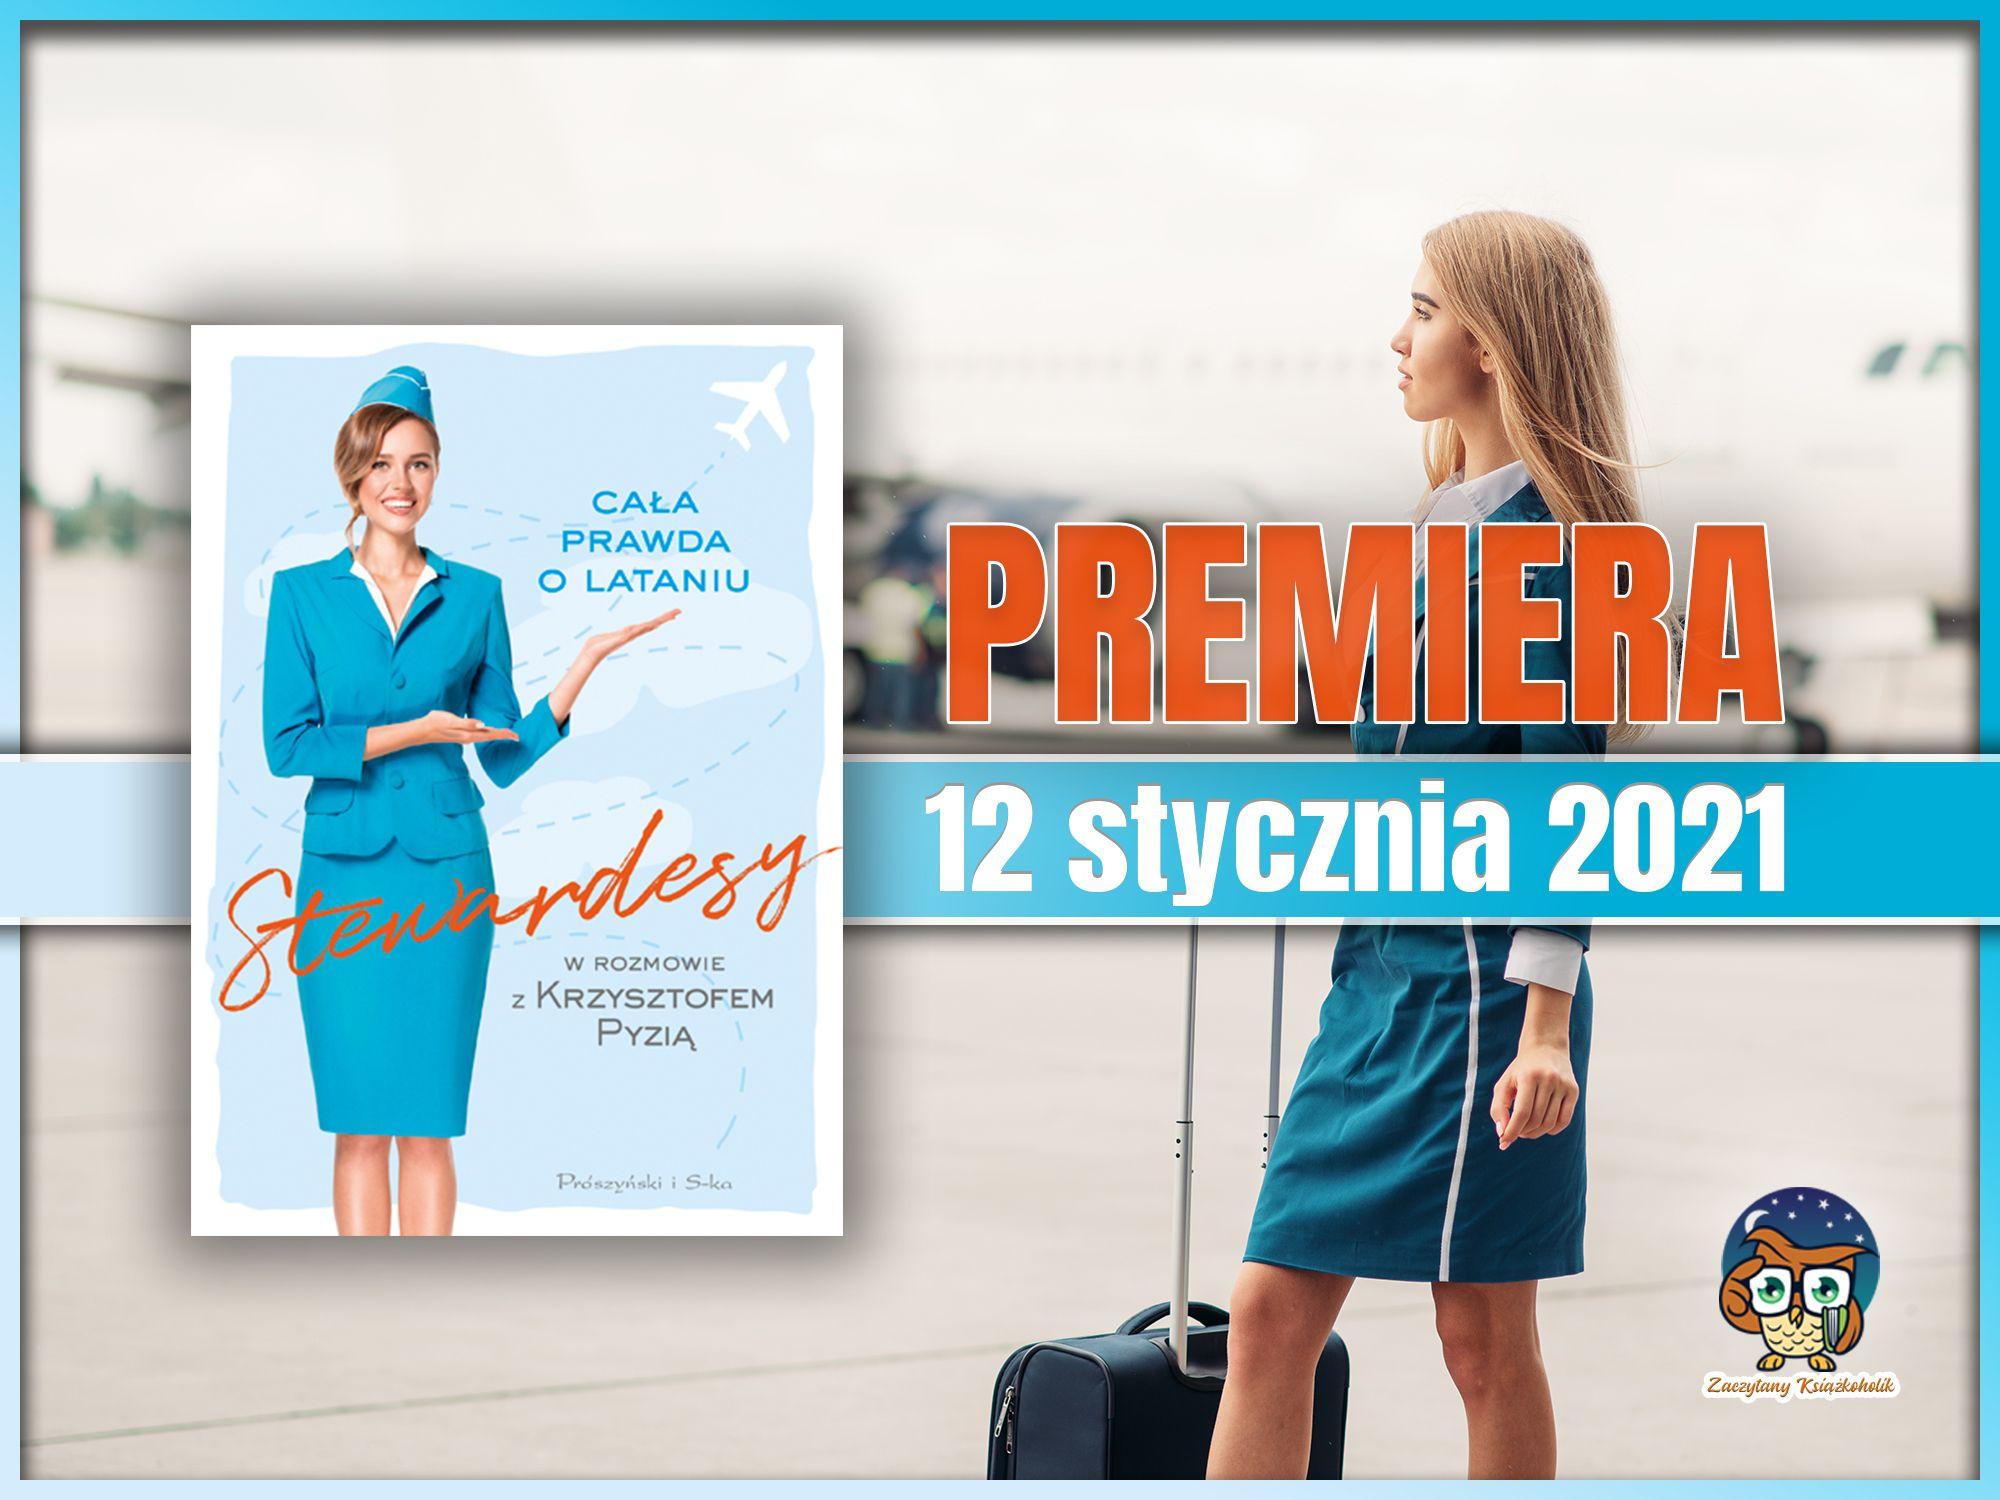 Stewardesy. Cała prawda o lataniu, Krzystzof Pyzia, zacyztanyksiazkoholik.pl